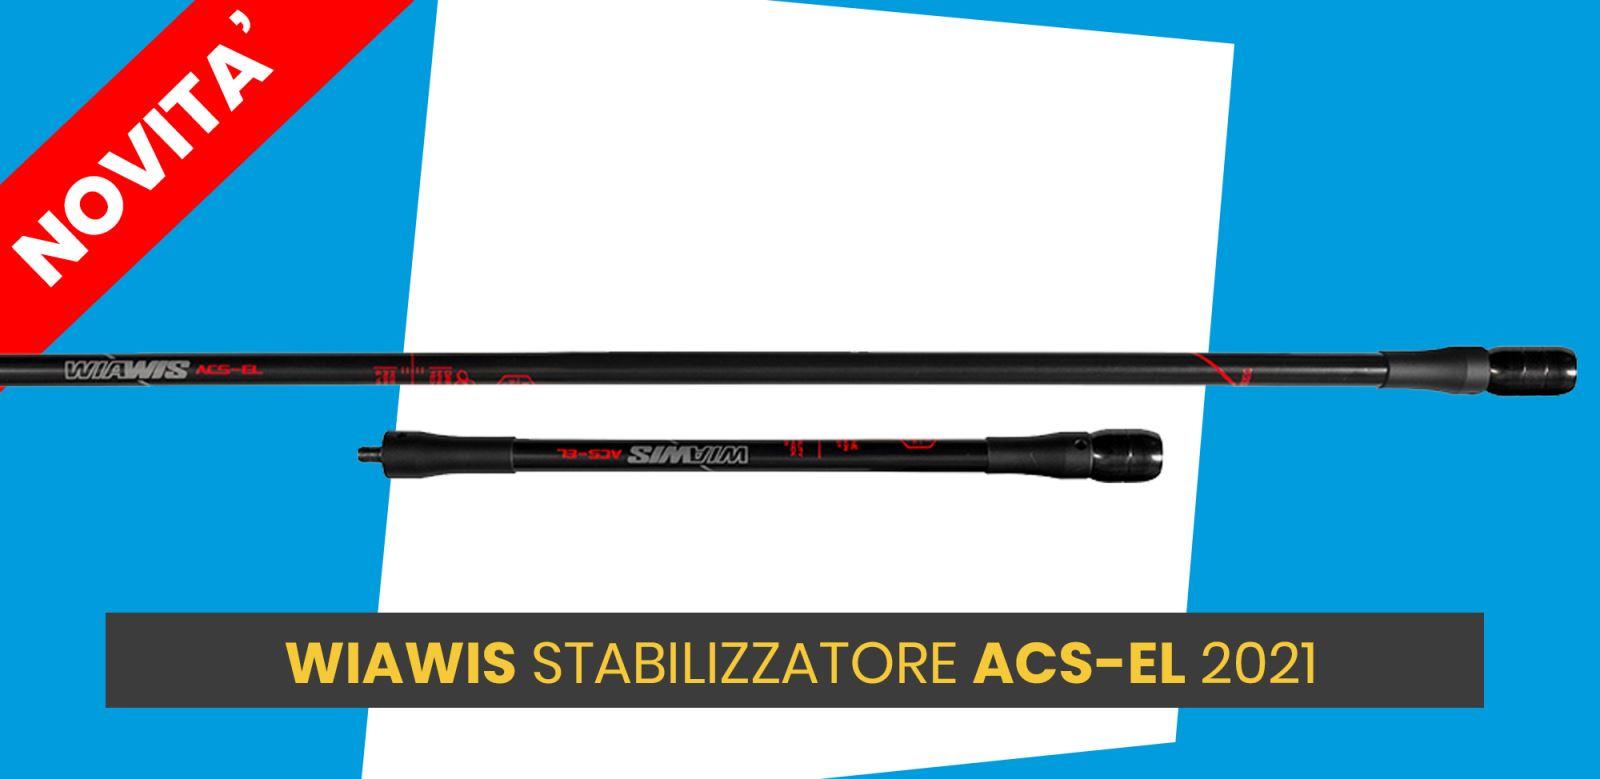 Nuova Stabilizzazione Wiawis ACS EL